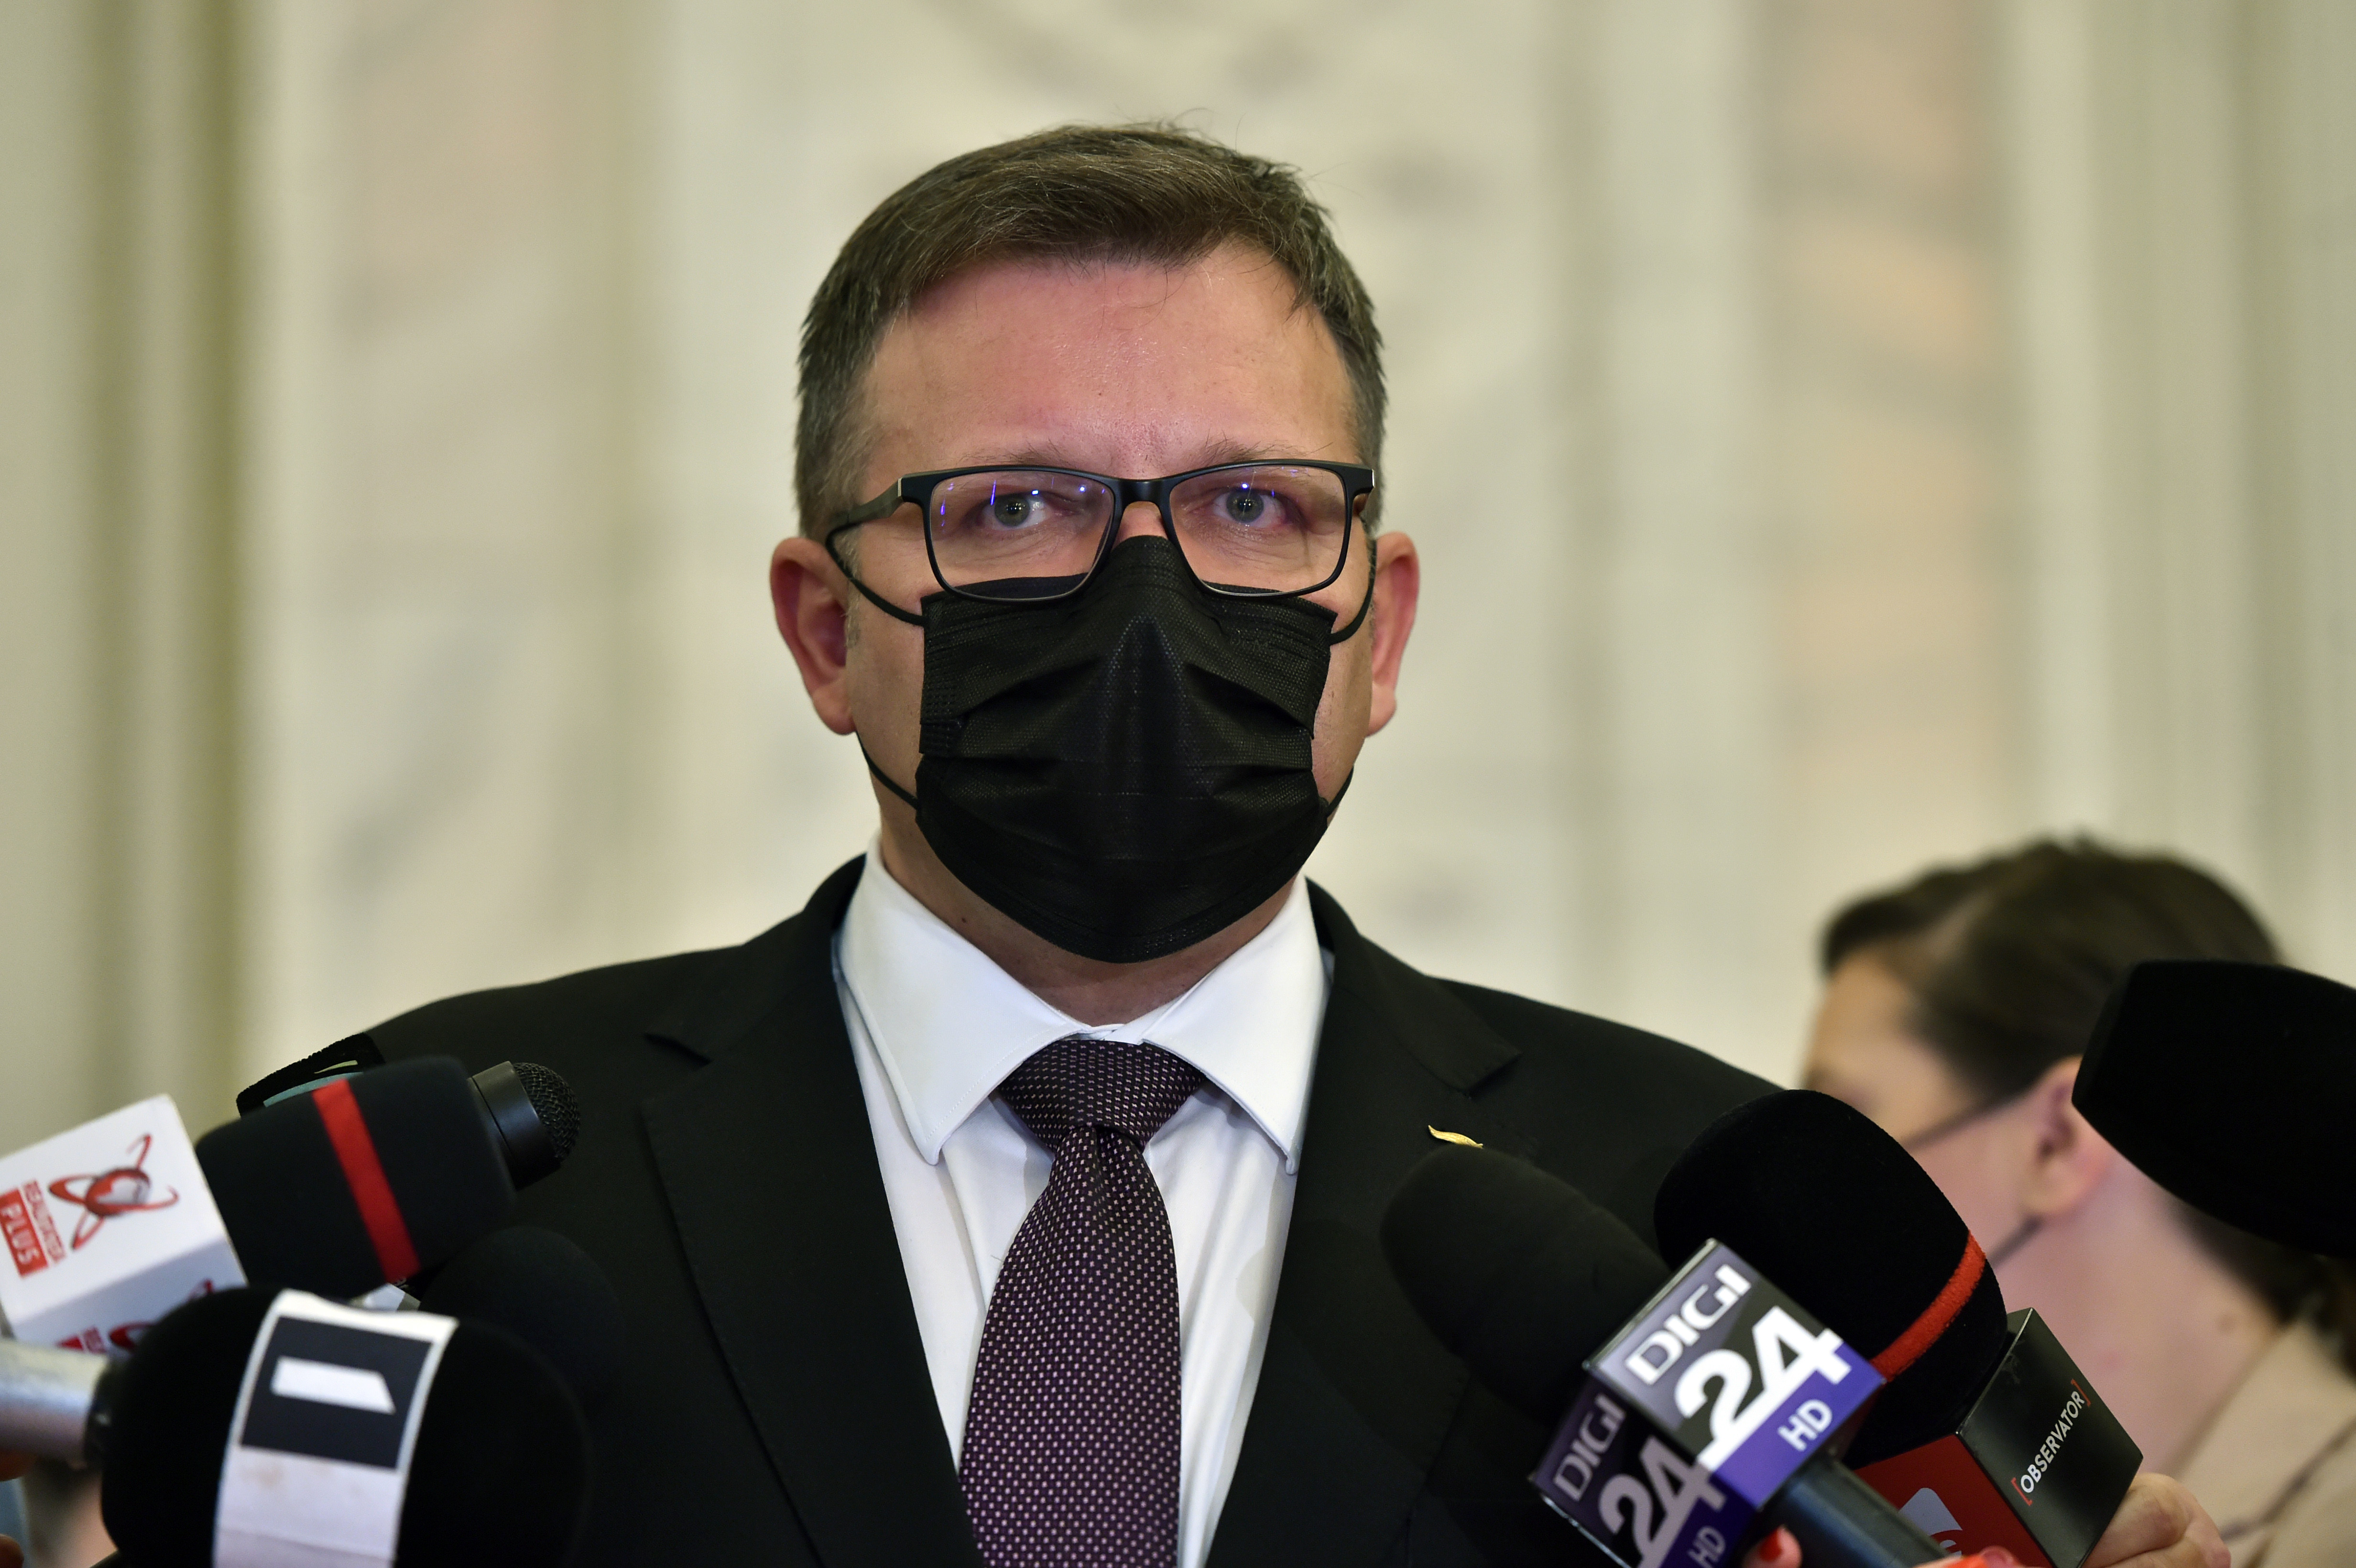 Ce spune deputatul PSD Marius Budăi despre numirea Vioricăi Dăncilă la BNR